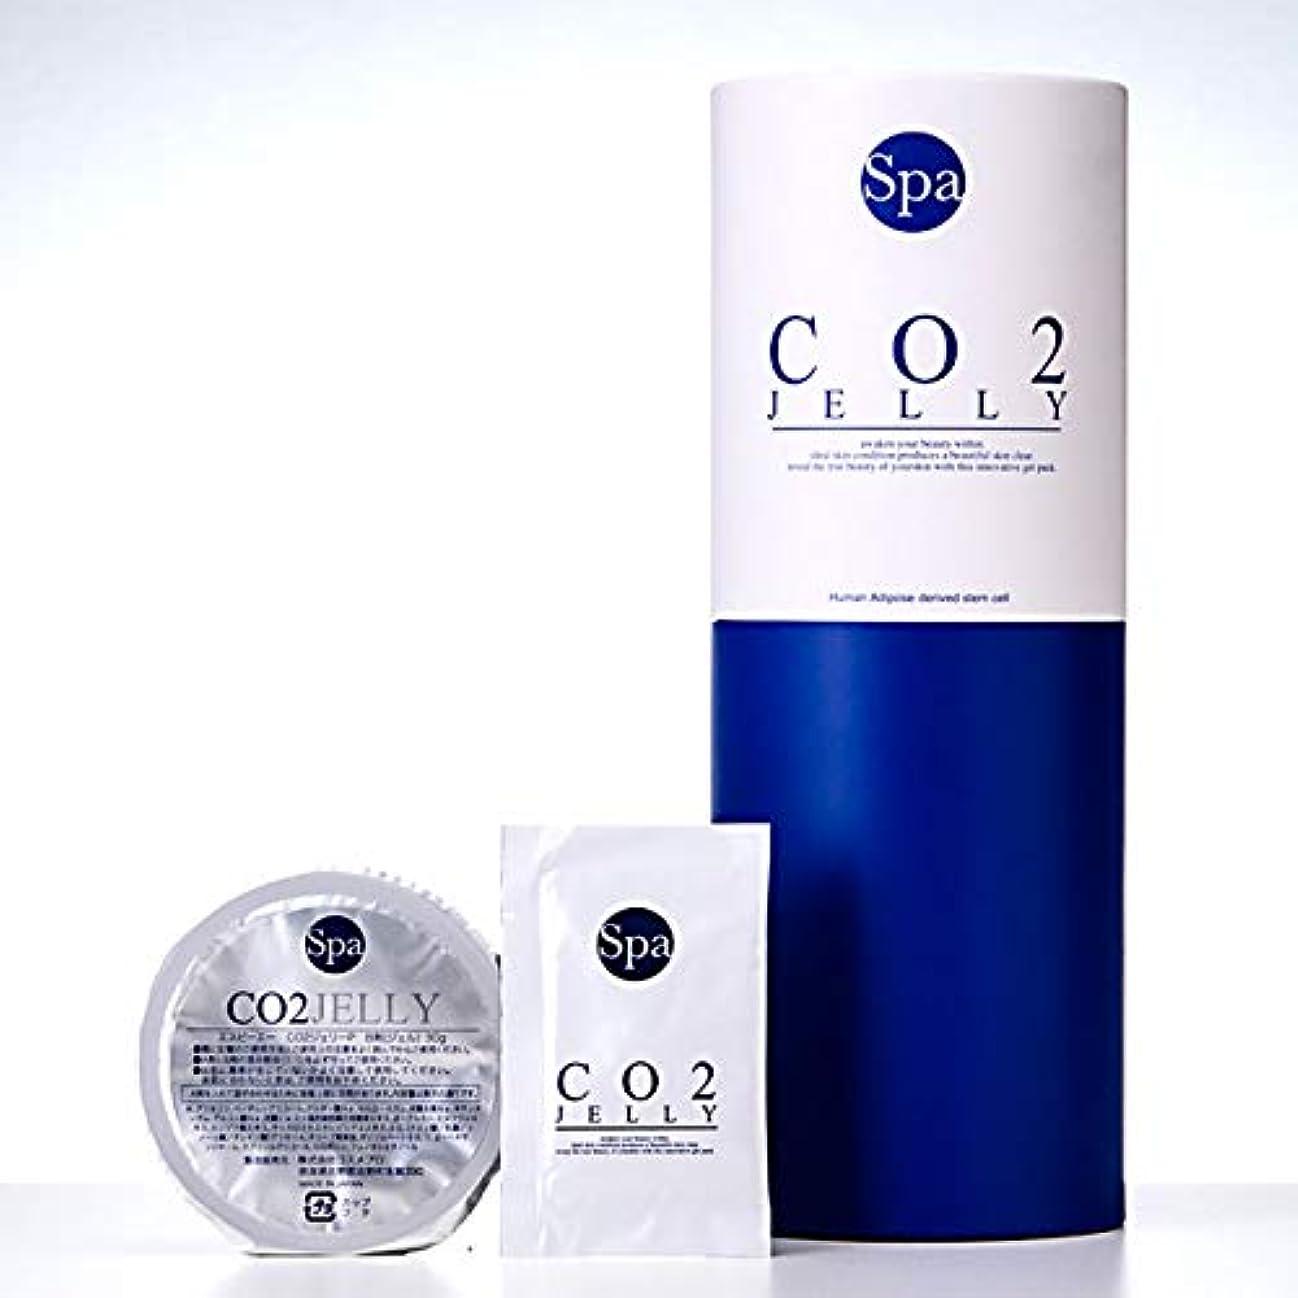 報奨金ブラジャー墓地Spa(エスピーエー)CO2 JELLY ジェリー (5回分)日本製 炭酸パック ジェル